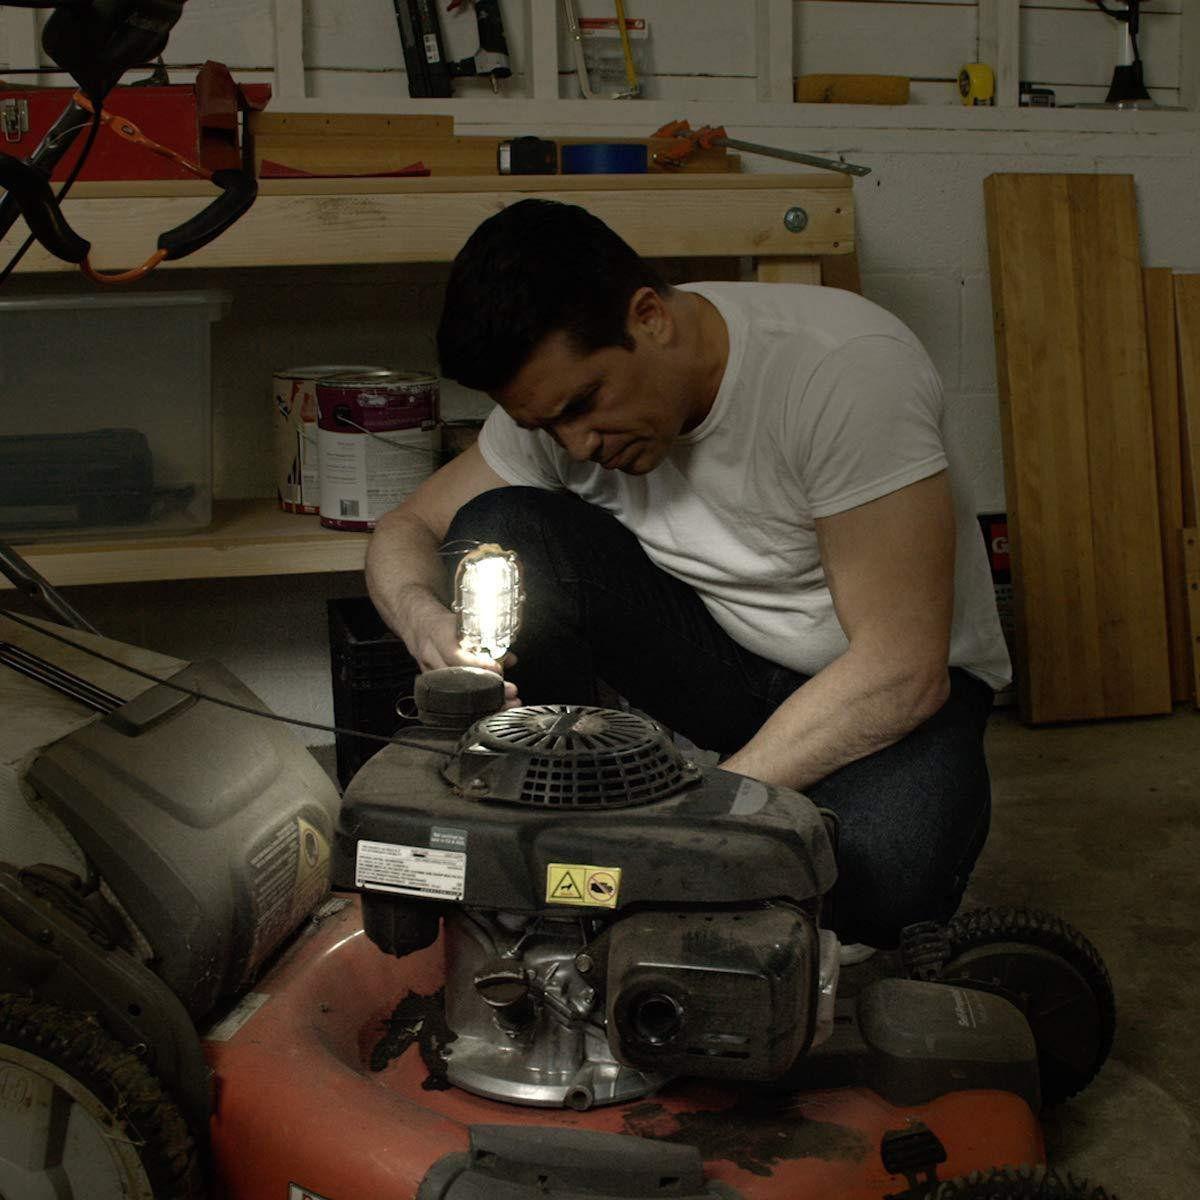 Lanterna Emergencia Portatil Mecanico Led Carro Luz Branca